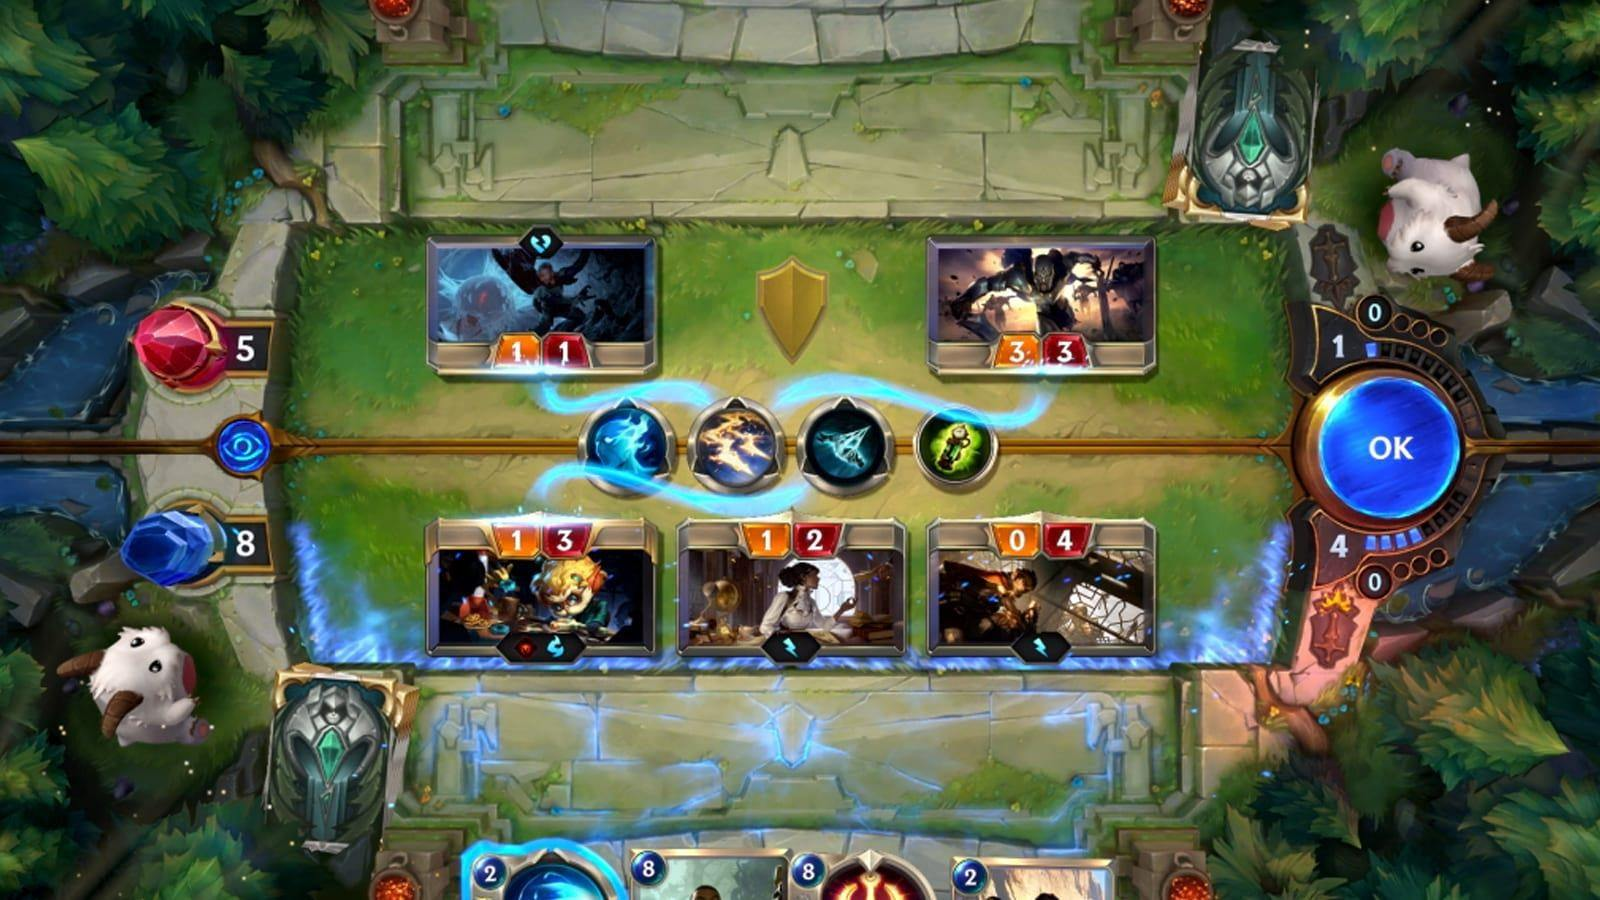 《英雄联盟》衍生卡牌游戏《符文之地传奇》将于本月24日公测